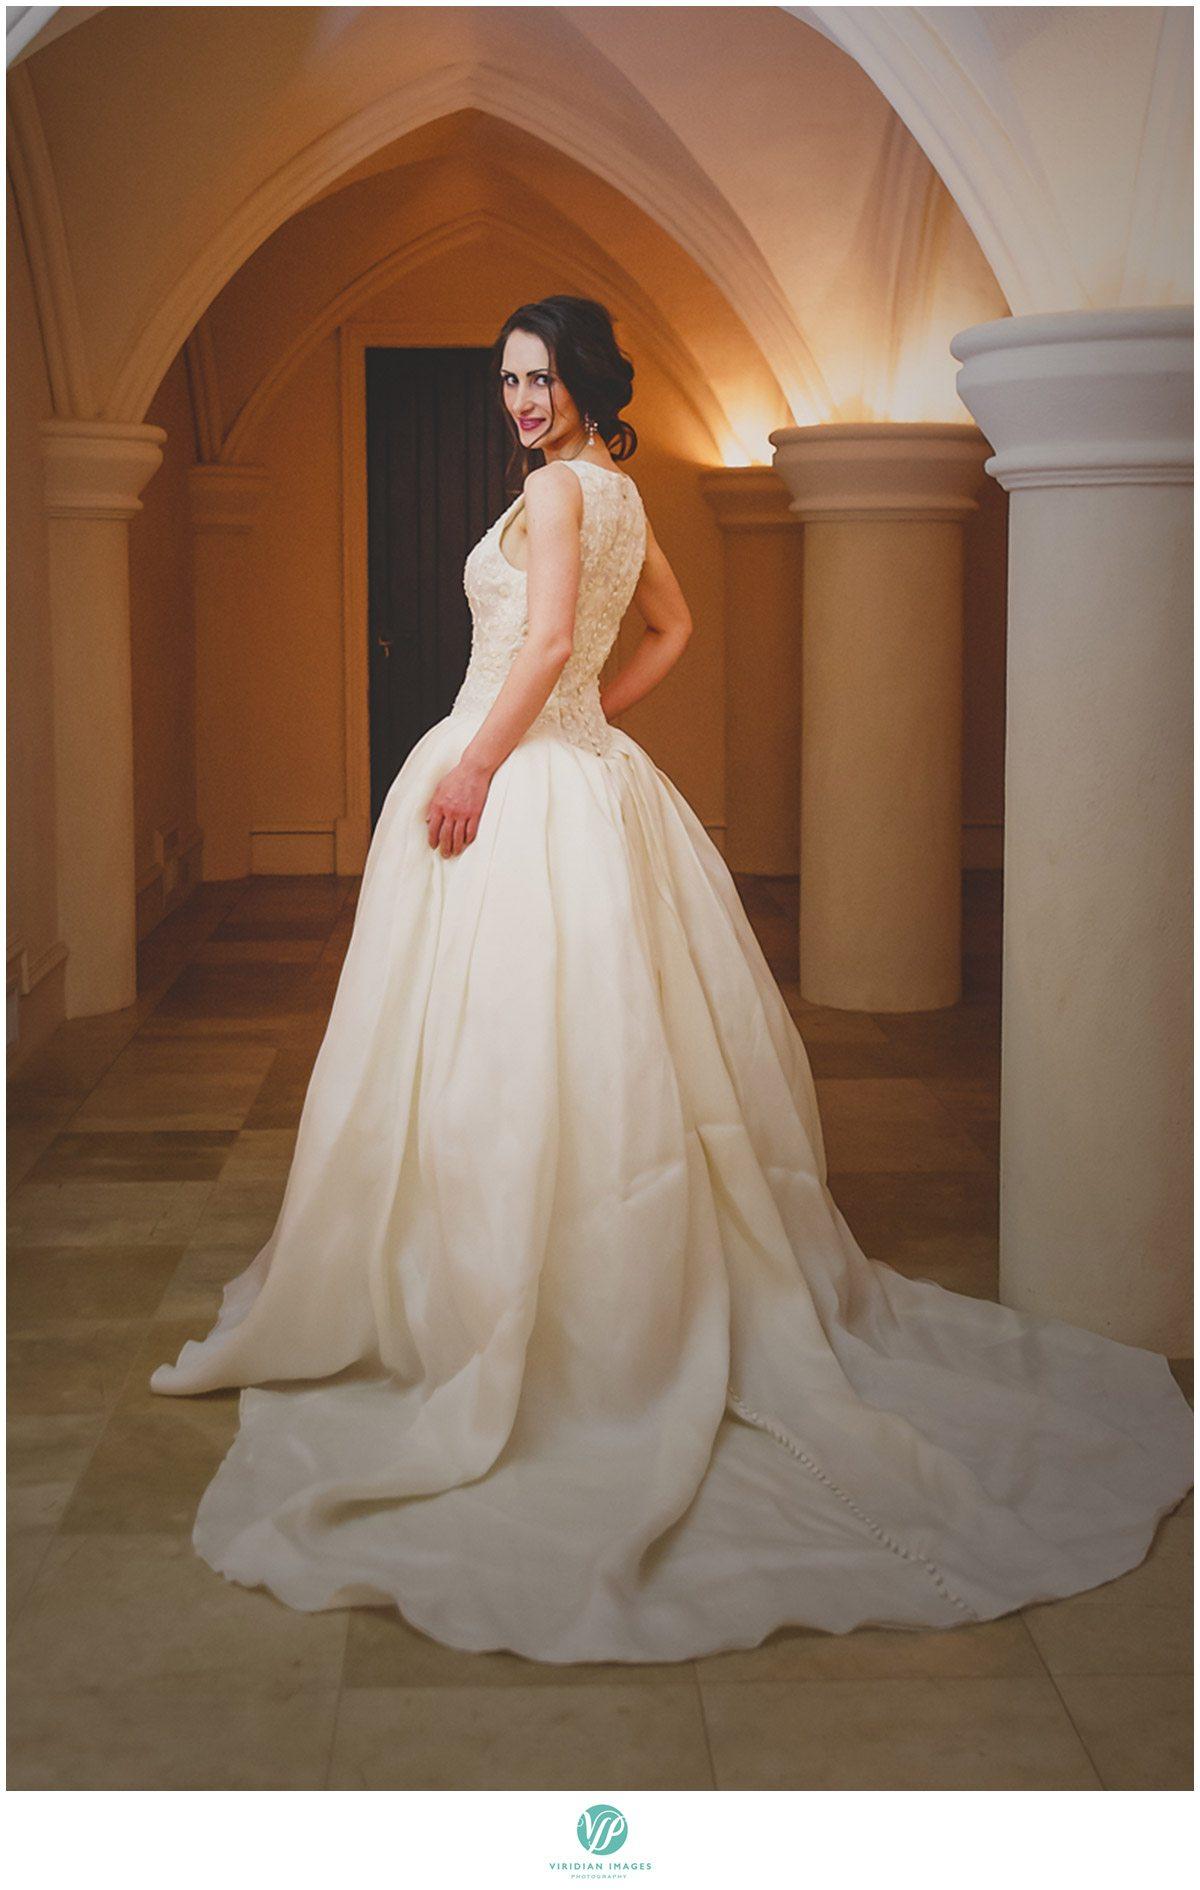 Bisham Manor Wedding Bridal Portrait Photo